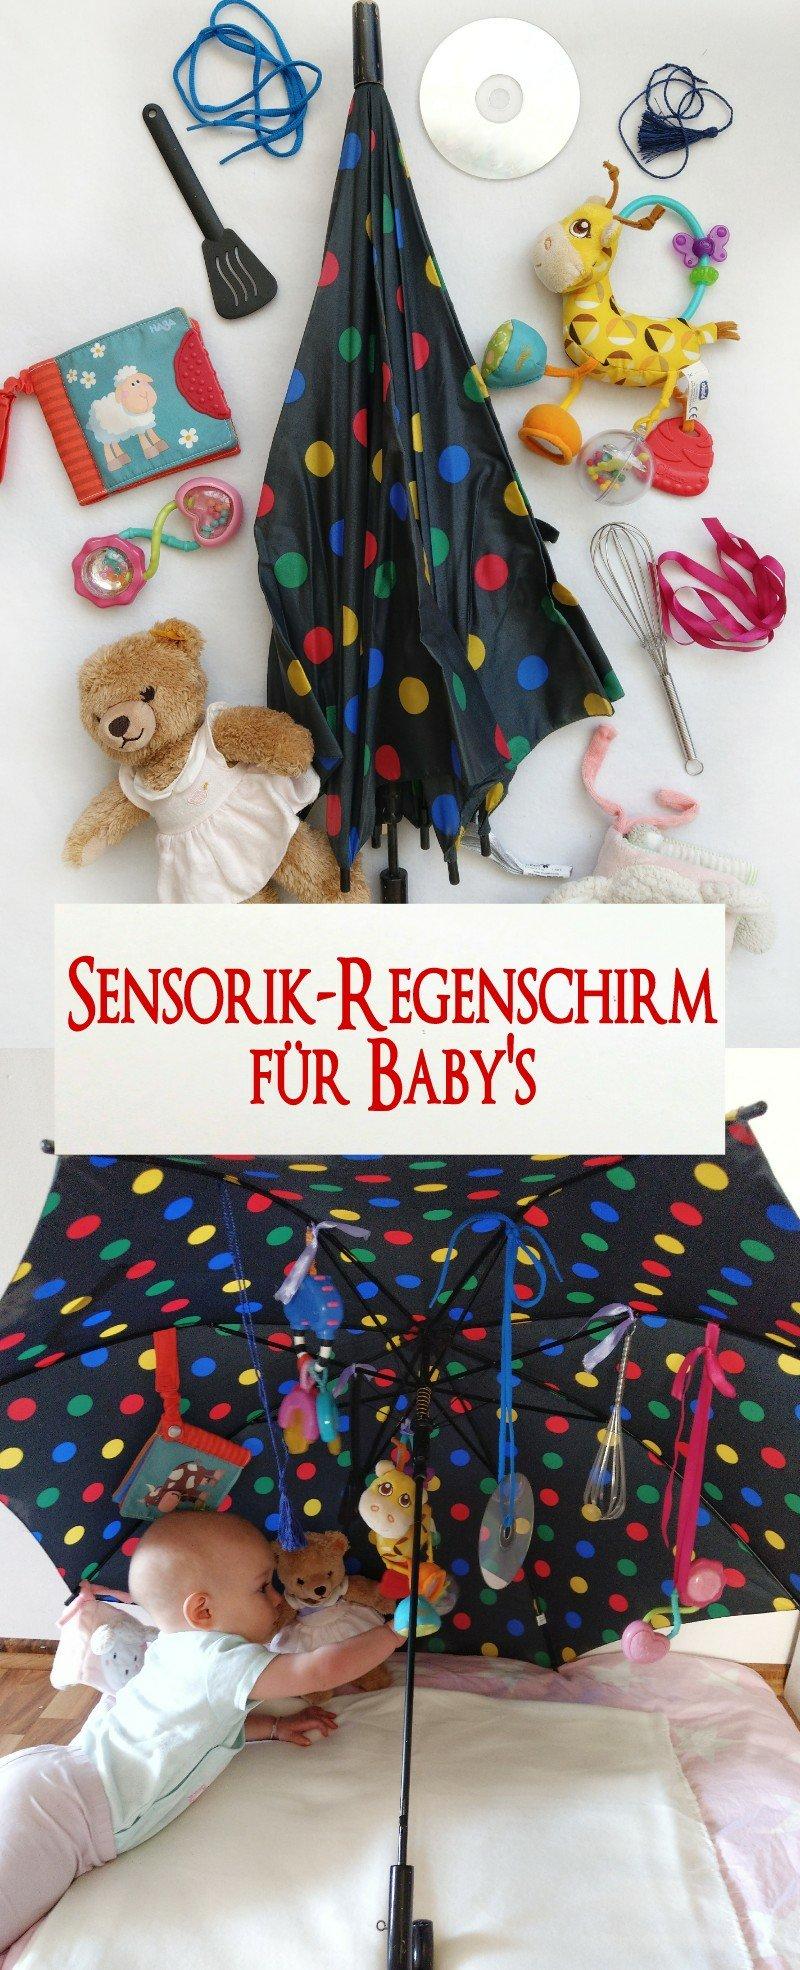 DIY Spielzeug für das Baby. Spielidee zur Beschäftigung als Alternative zum Spielbogen. Ein Sensorik-Regenschirm fördert die Feinmotorik und die Sensorik von eurem Baby